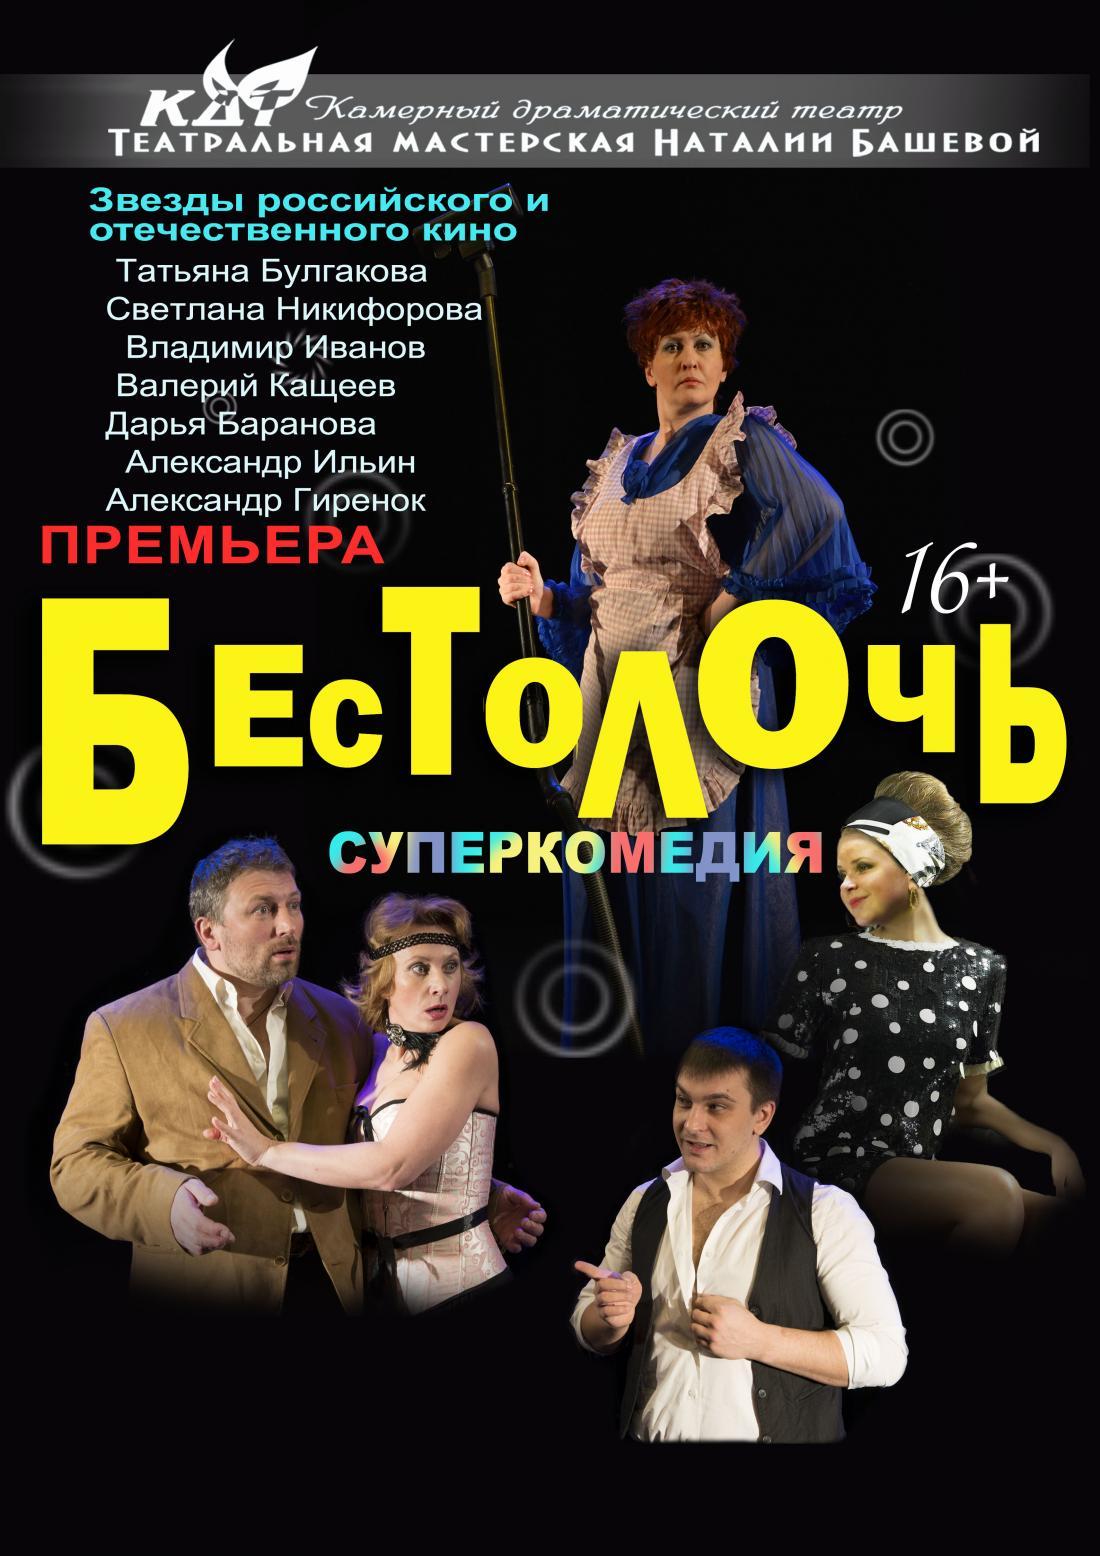 """26 июля и 16 августа спектакль """"Бестолочь"""", два билета по цене одного от 12 руб."""